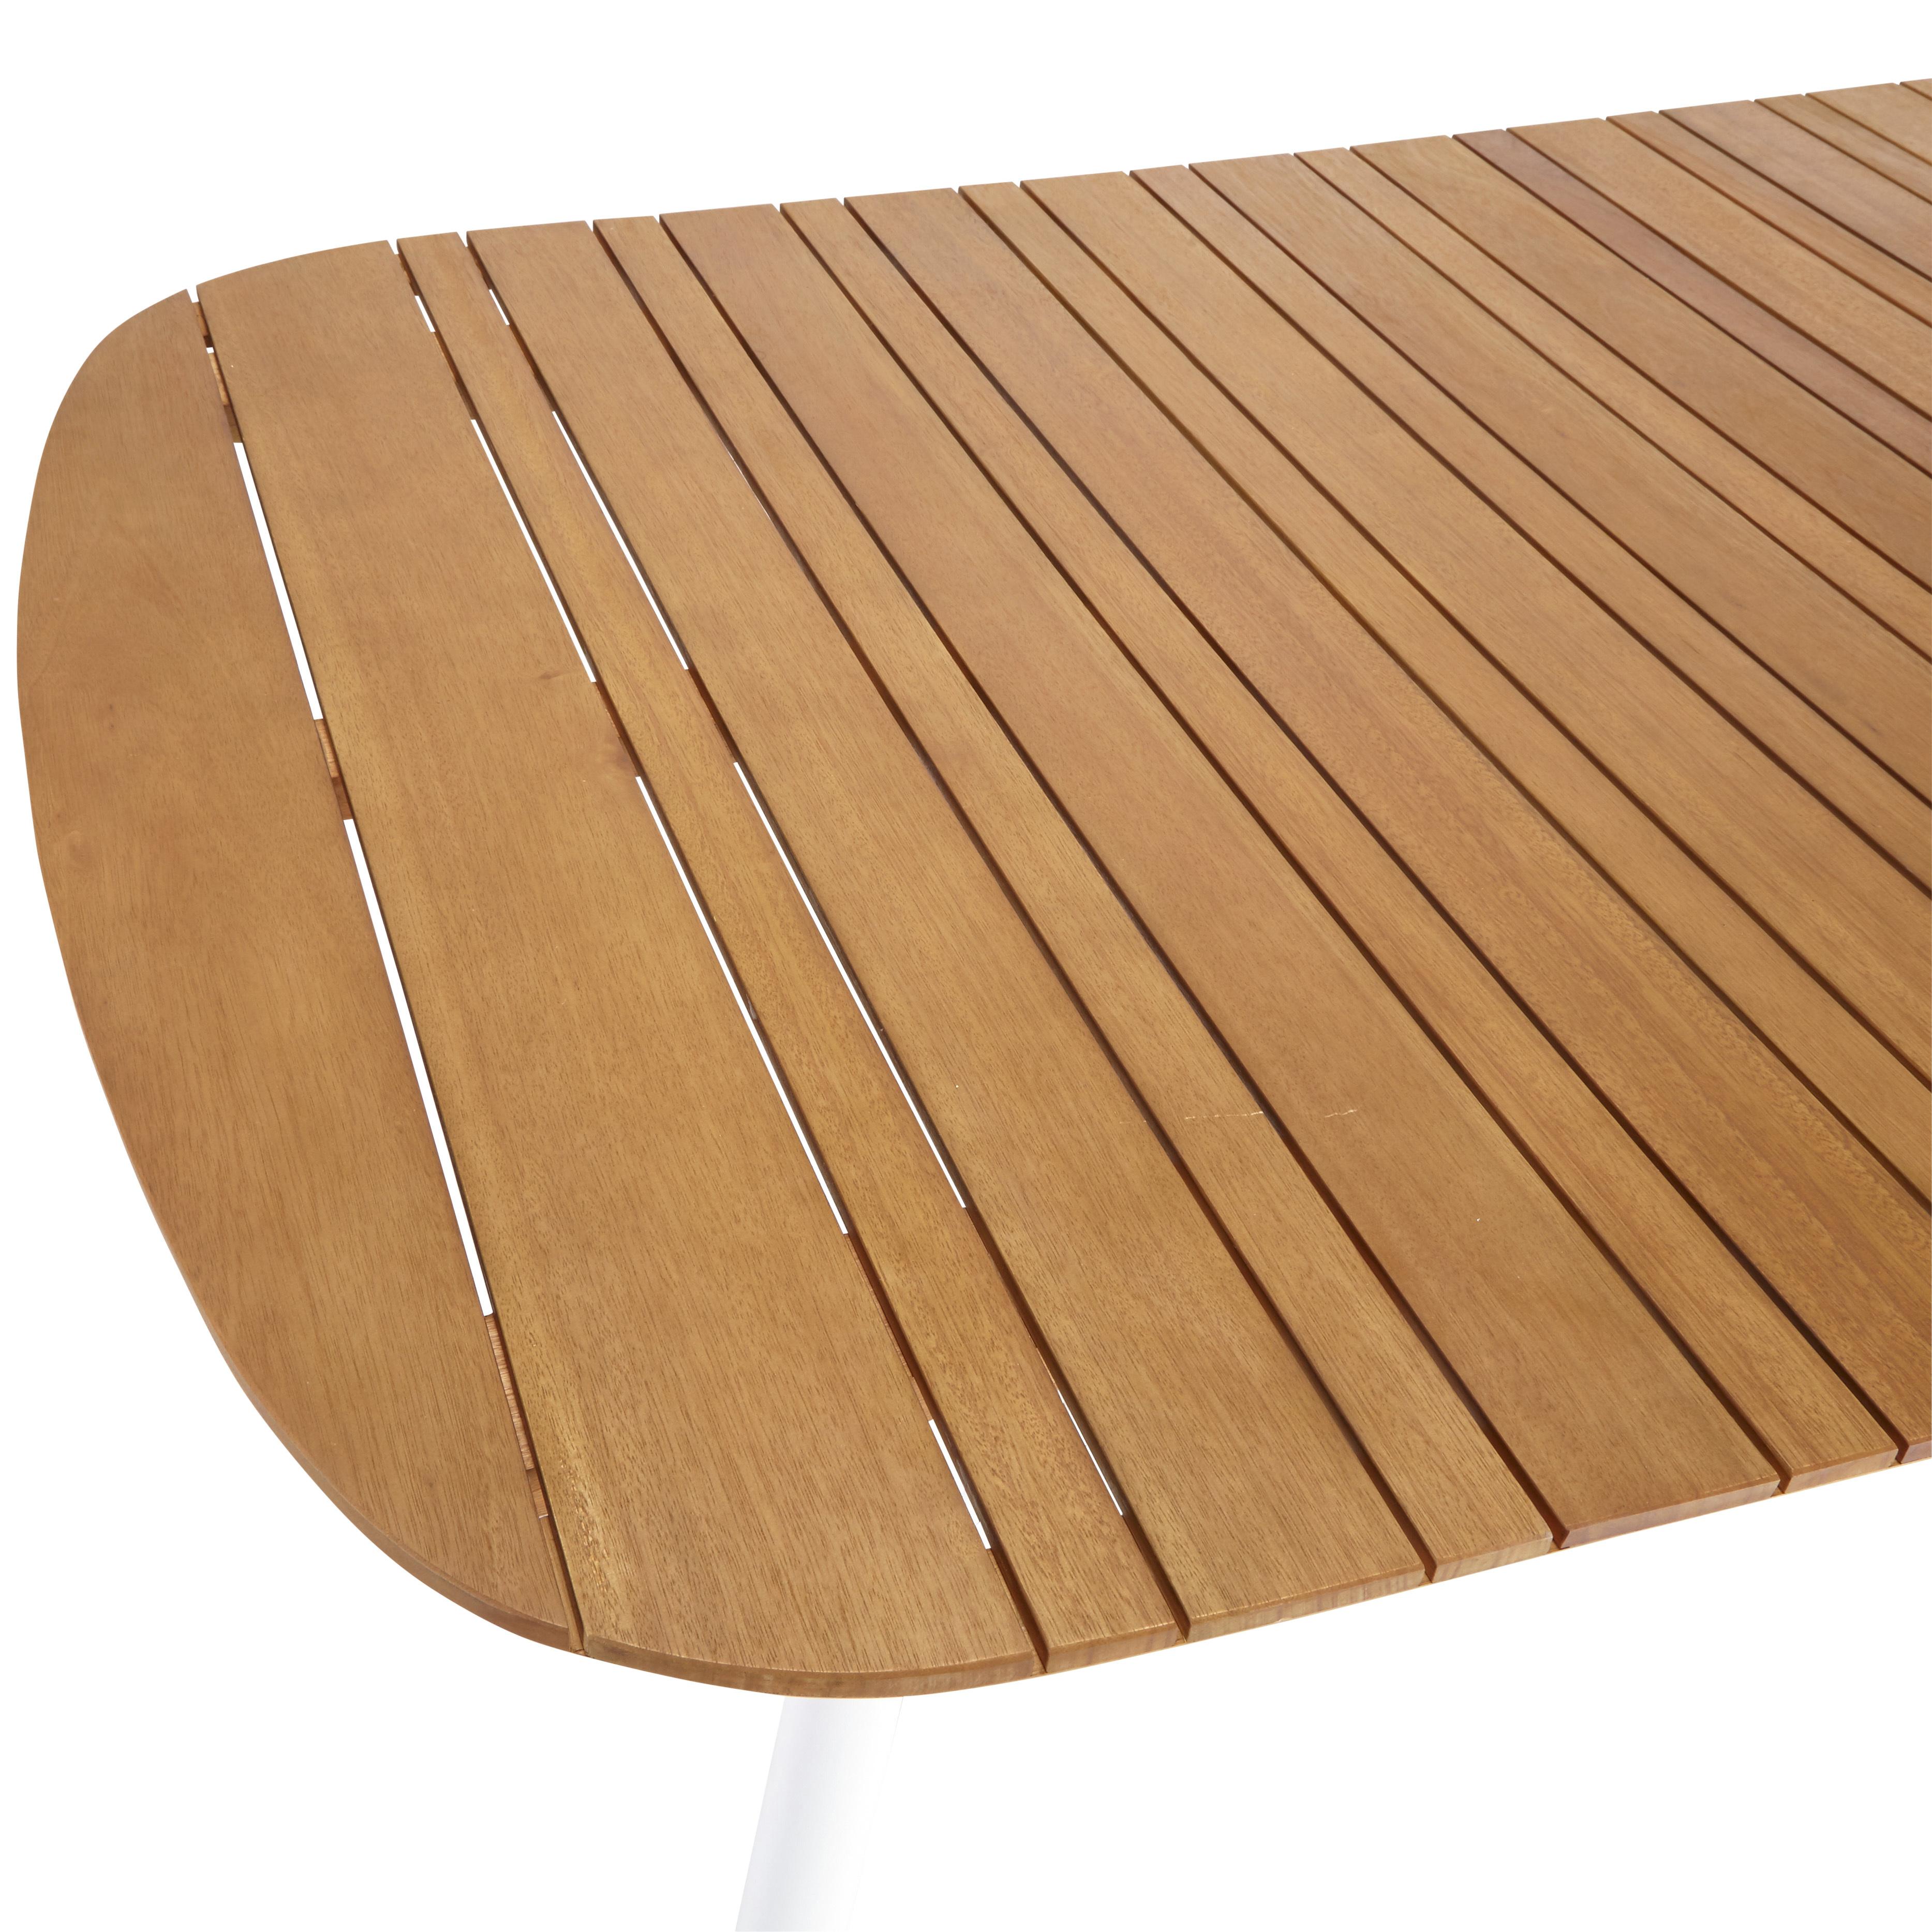 ROMANTIC - Table rectangulaire Alu165 - DT-TA084-EUCA